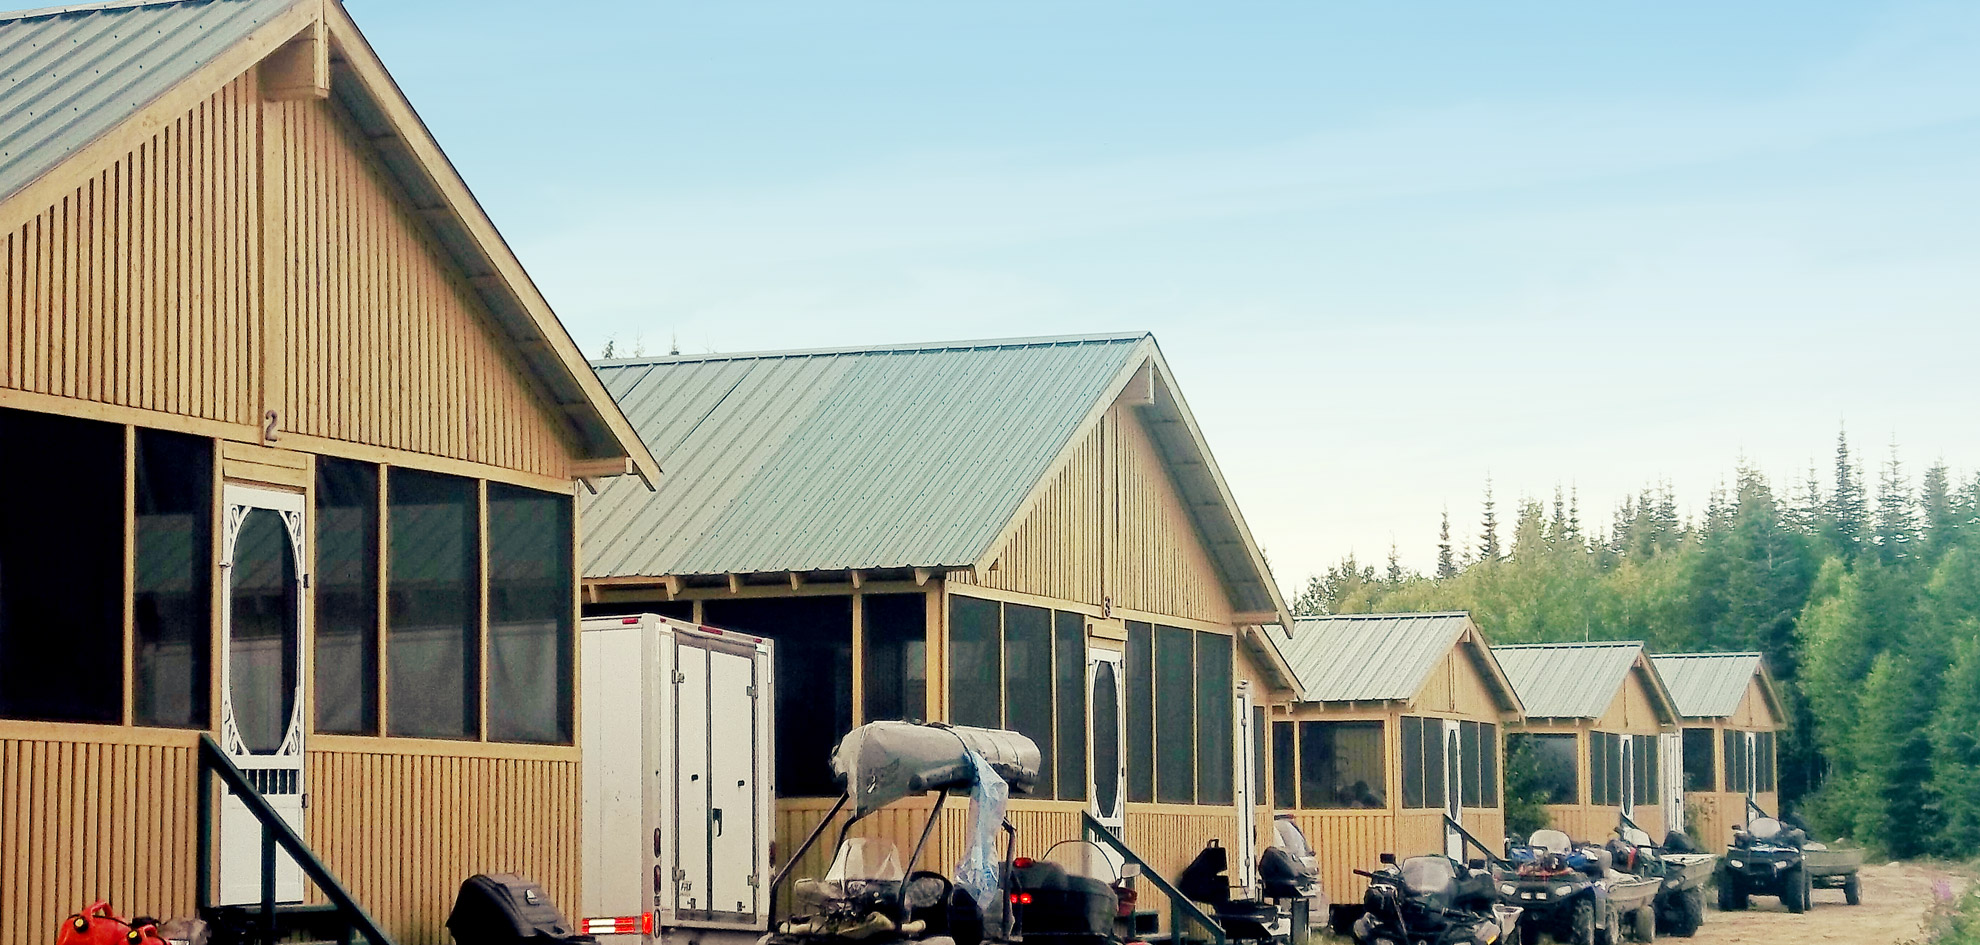 Pourvoirie Chibougamau - Location de chalets Nord-du-Québec Saguenay Lac-Saint-Jean